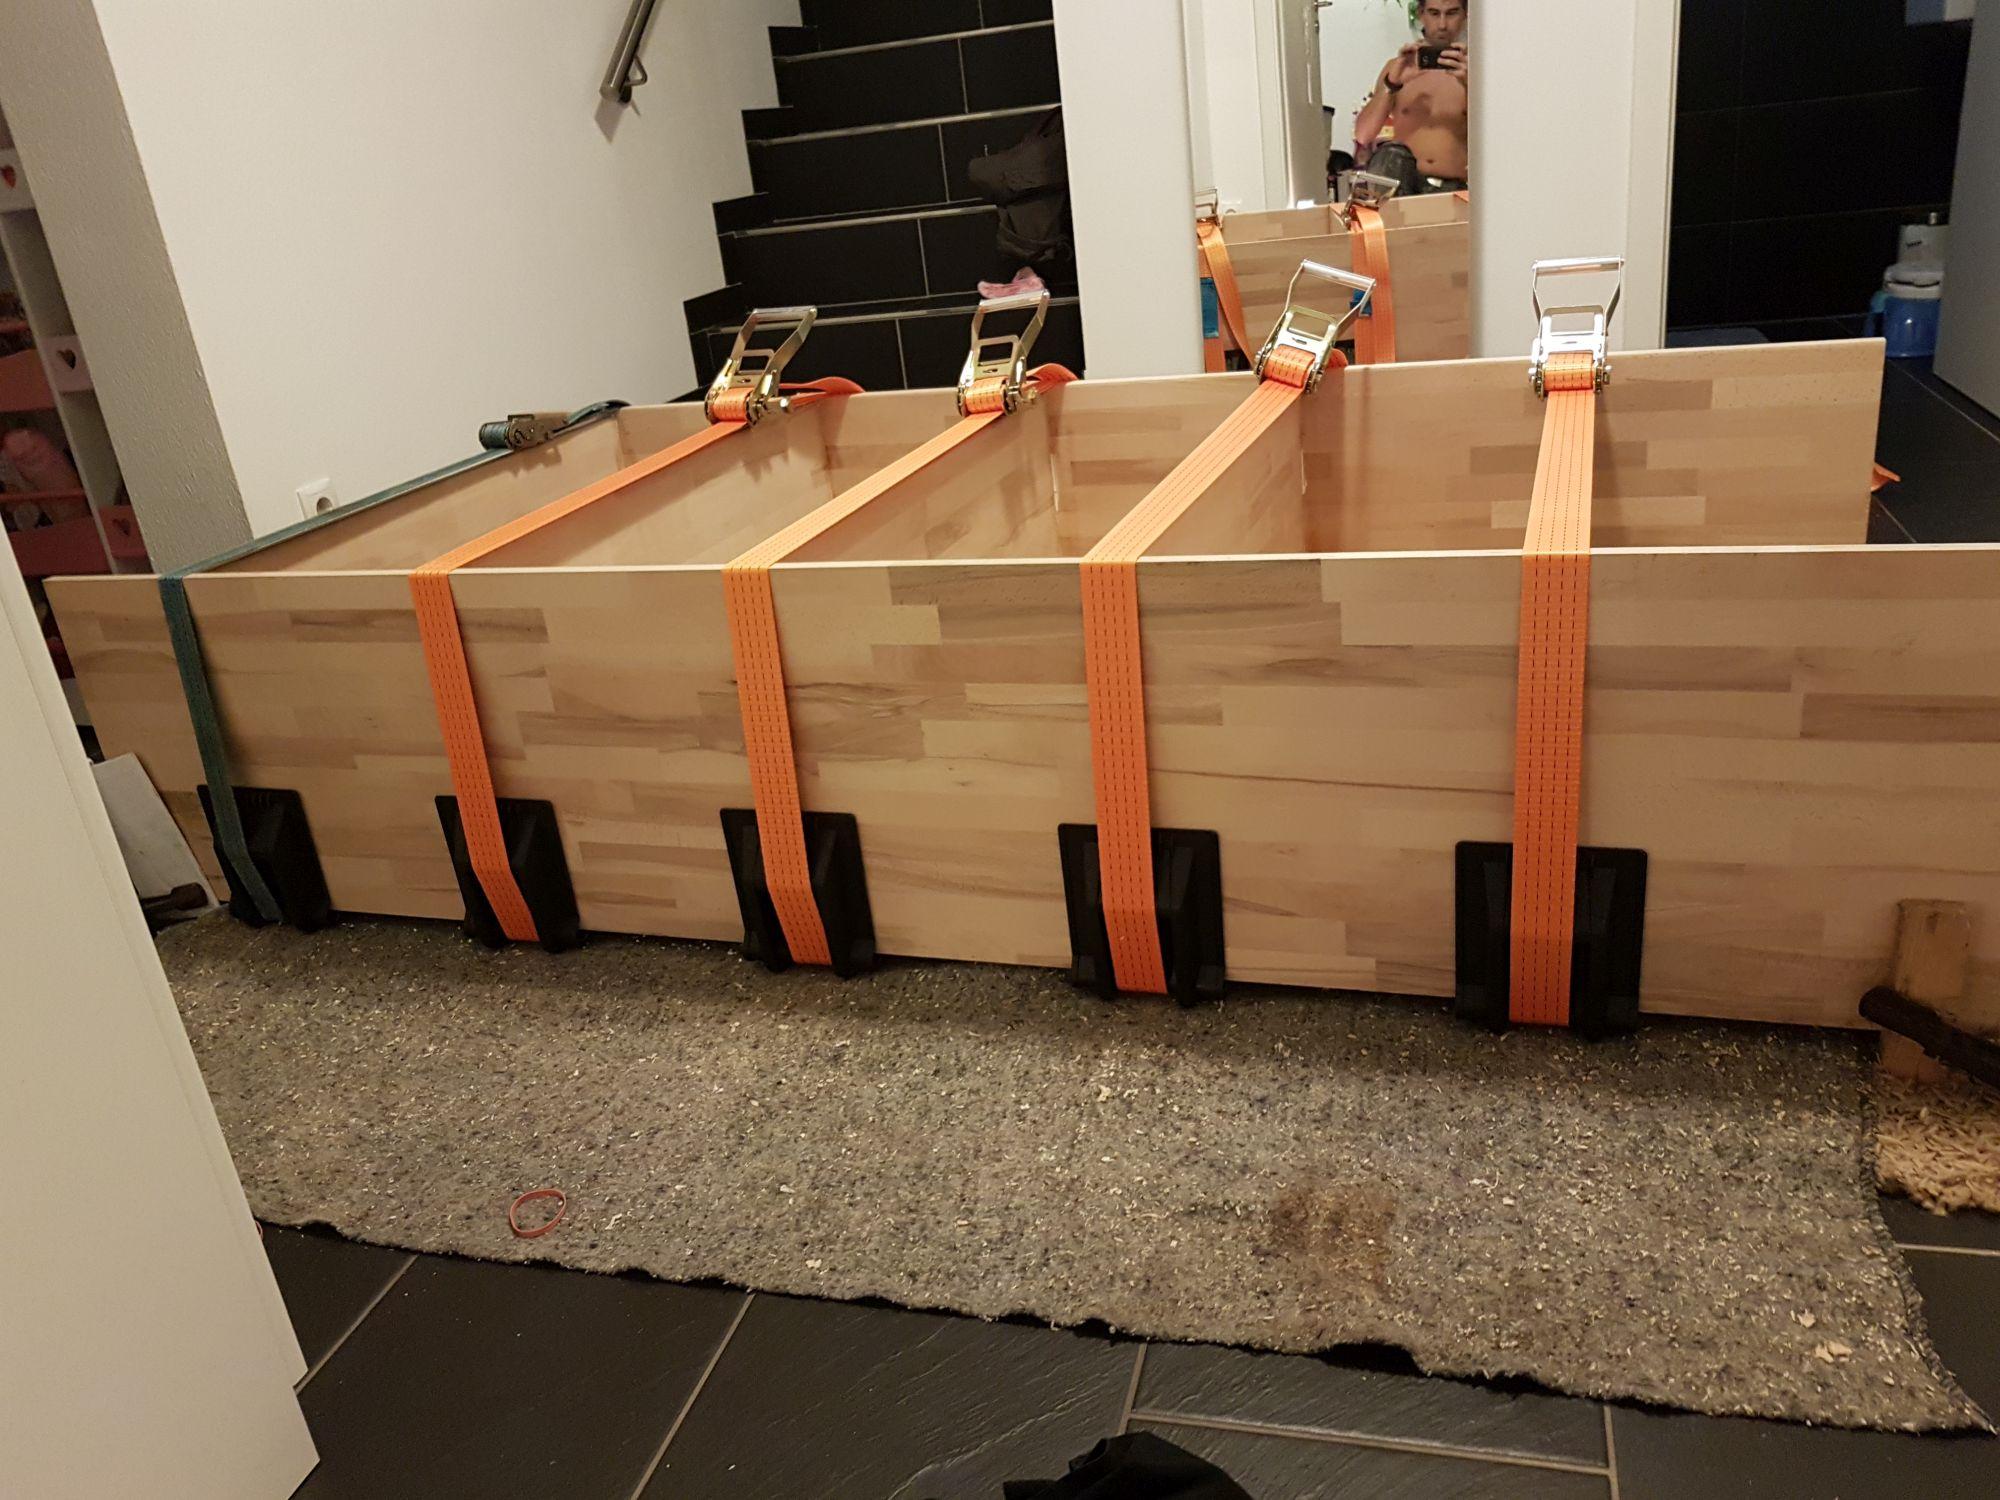 Büroschrank selber bauen, verspannen